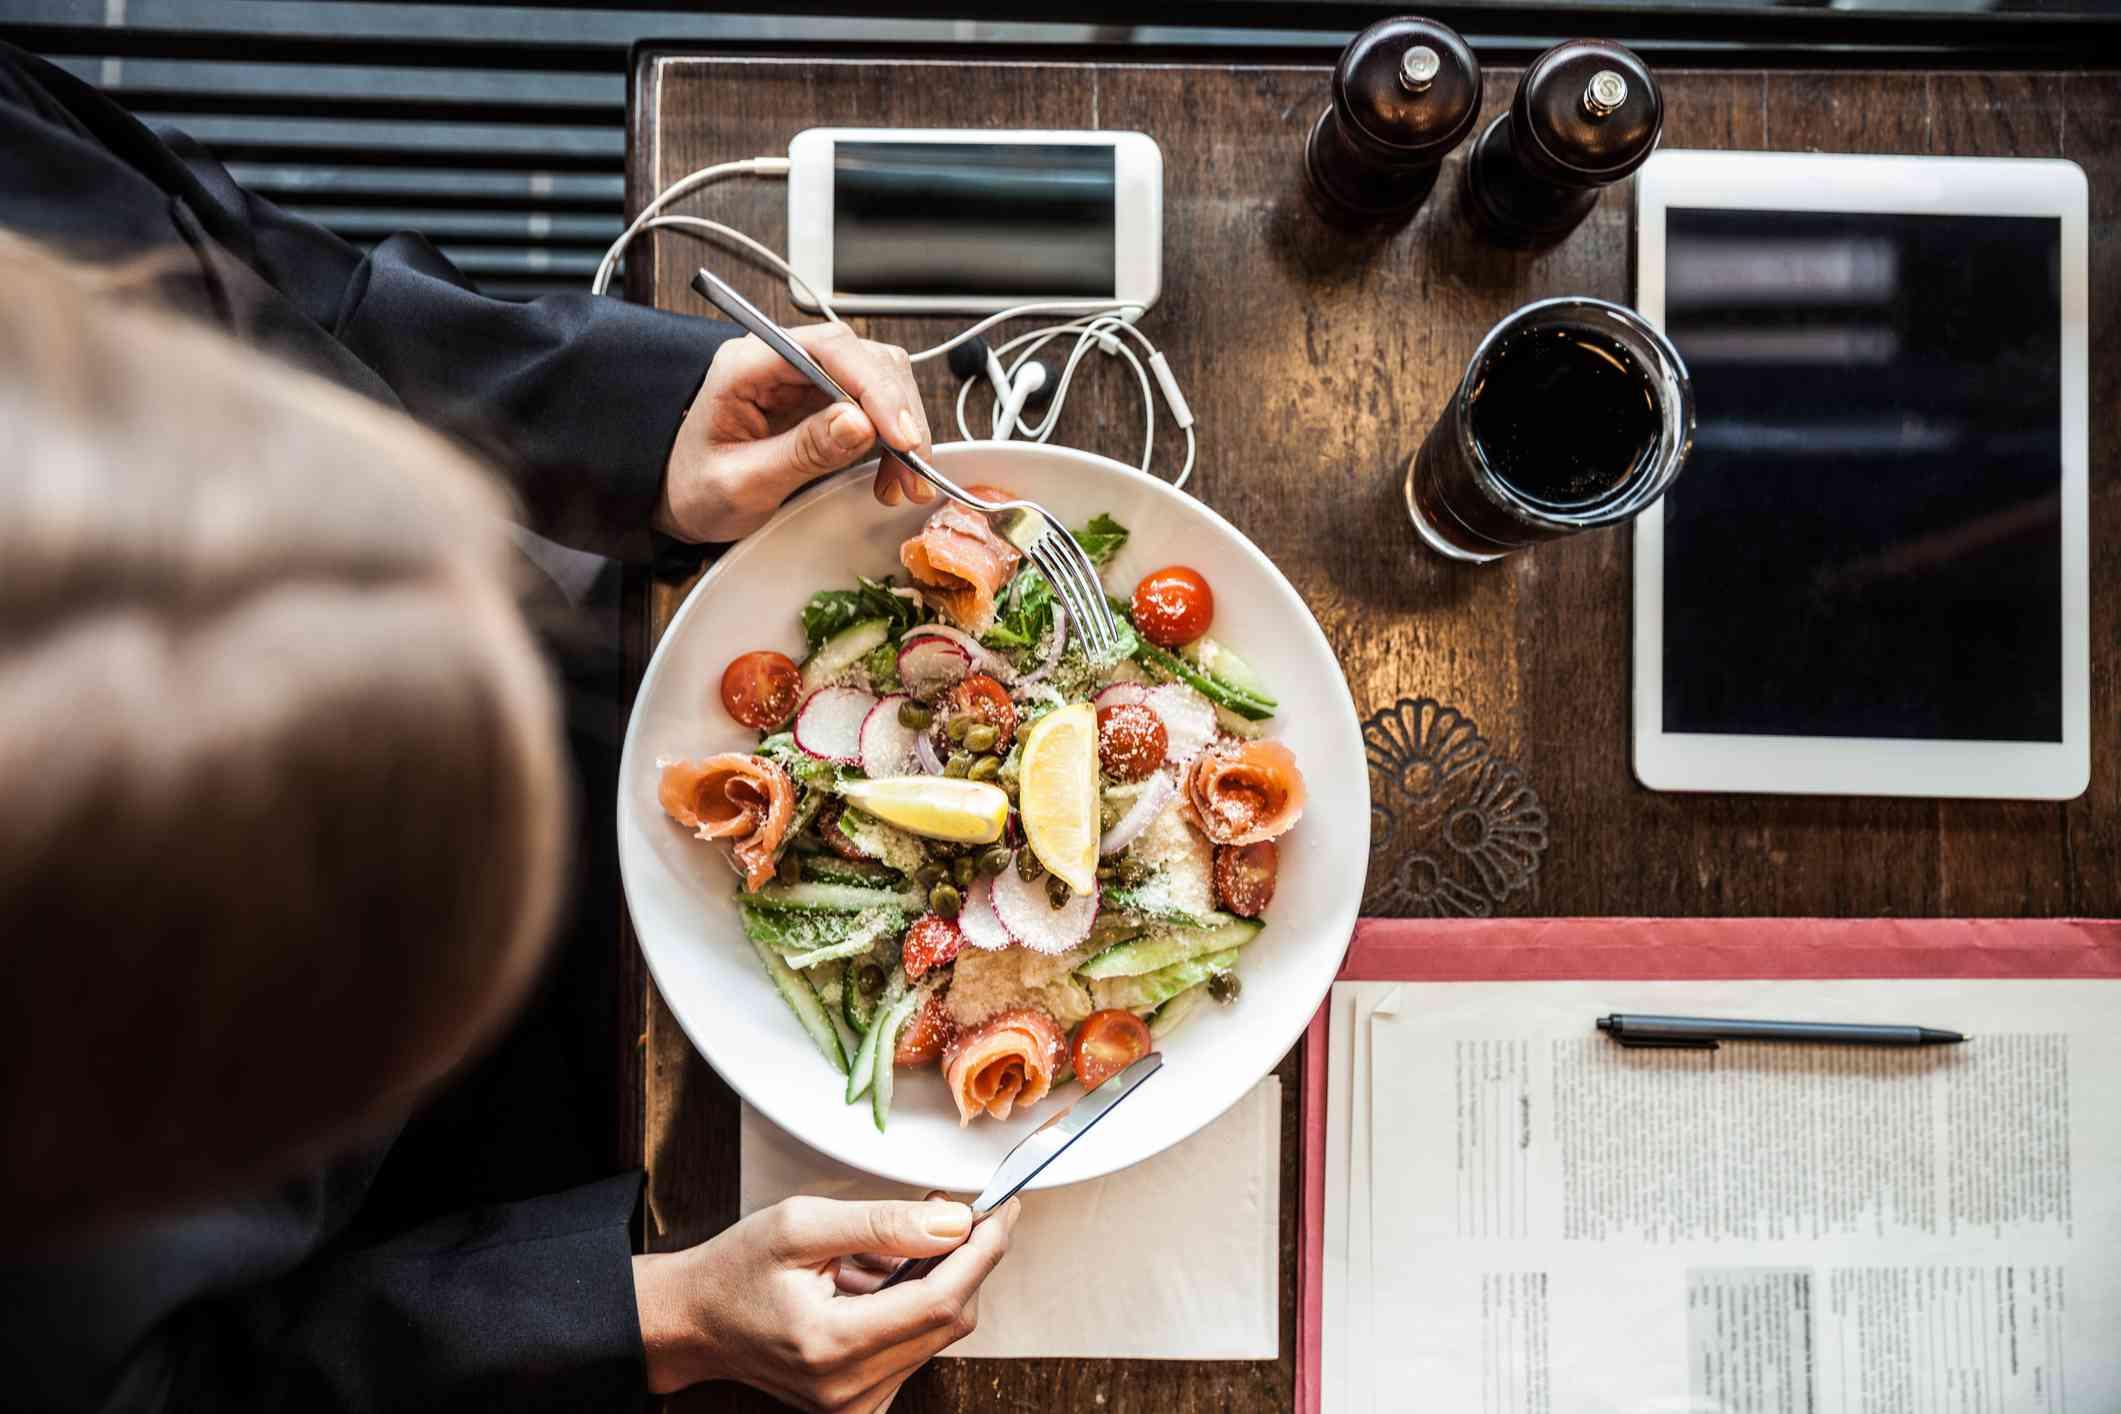 Woman eating healthy salad at restaurant